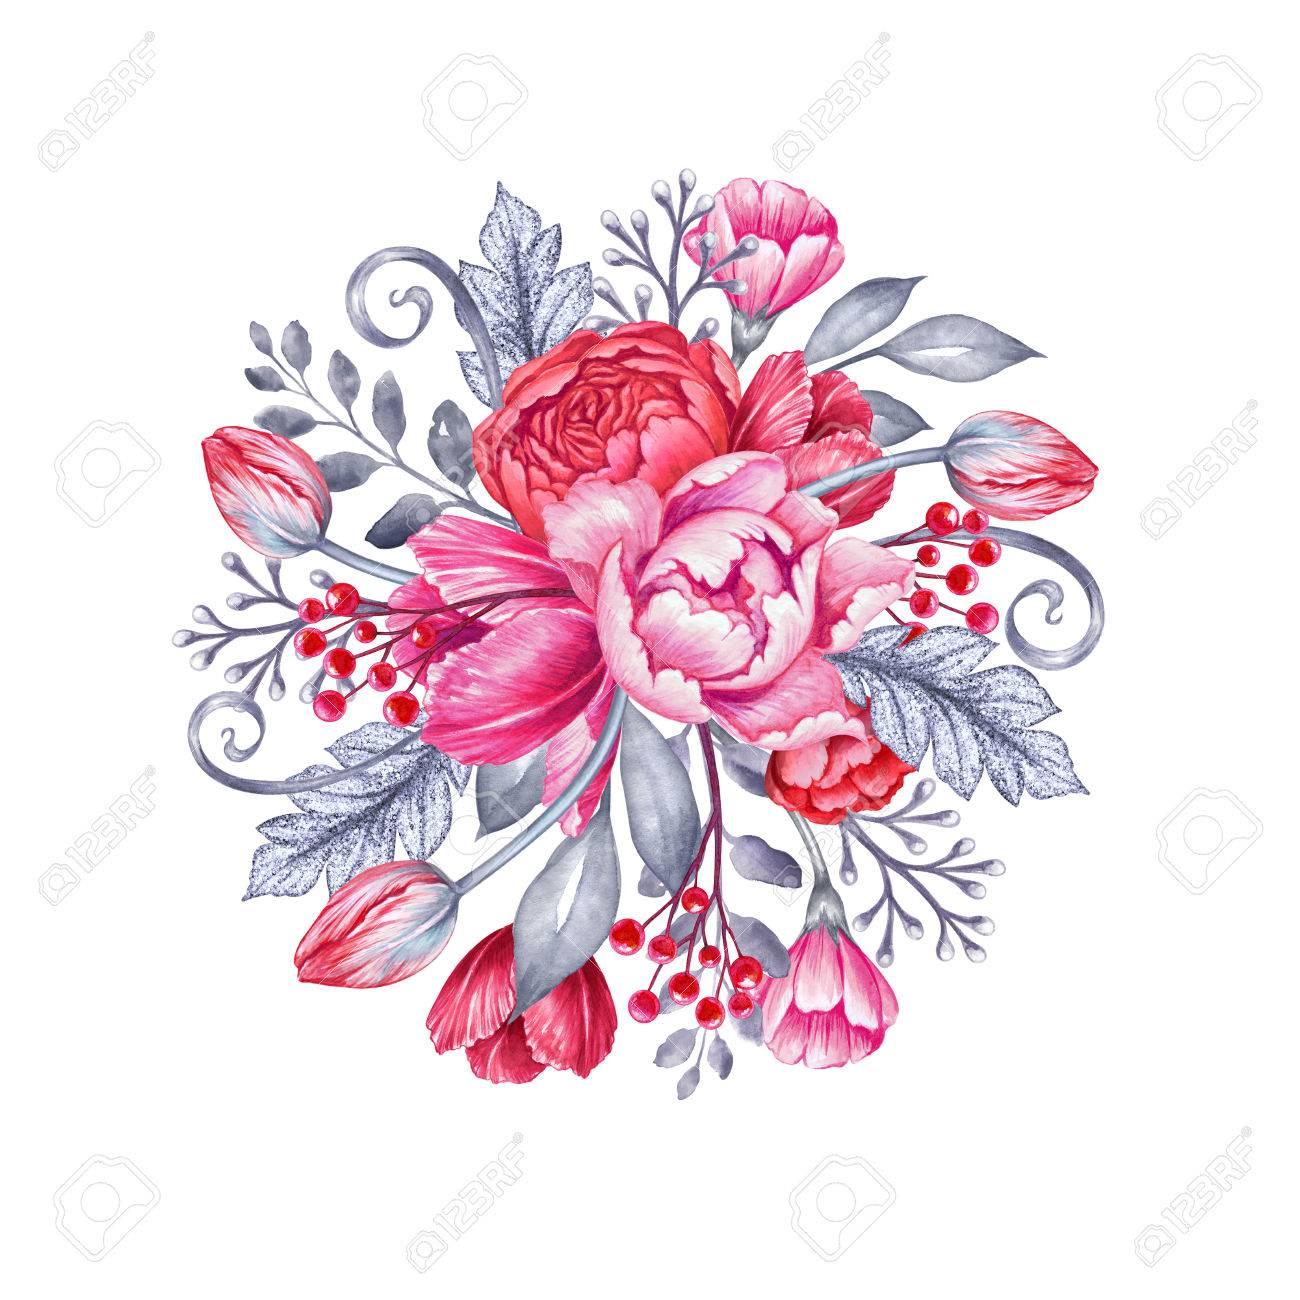 水彩イラスト結婚式の花ブライダル ブーケ ラウンド花の背景 の